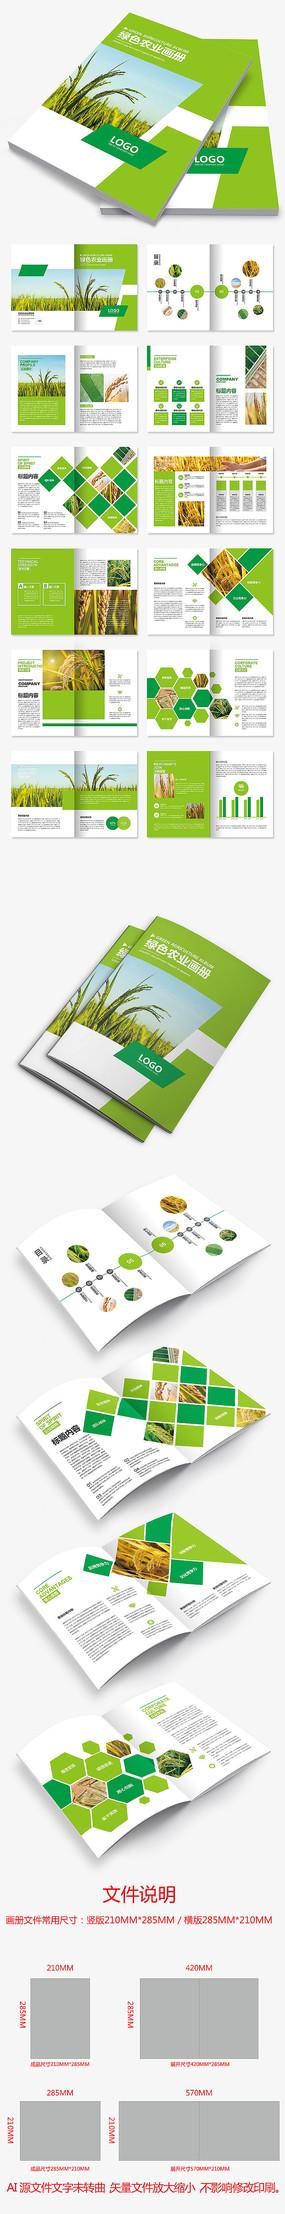 绿色水稻农产品生态农业环保科技宣传册